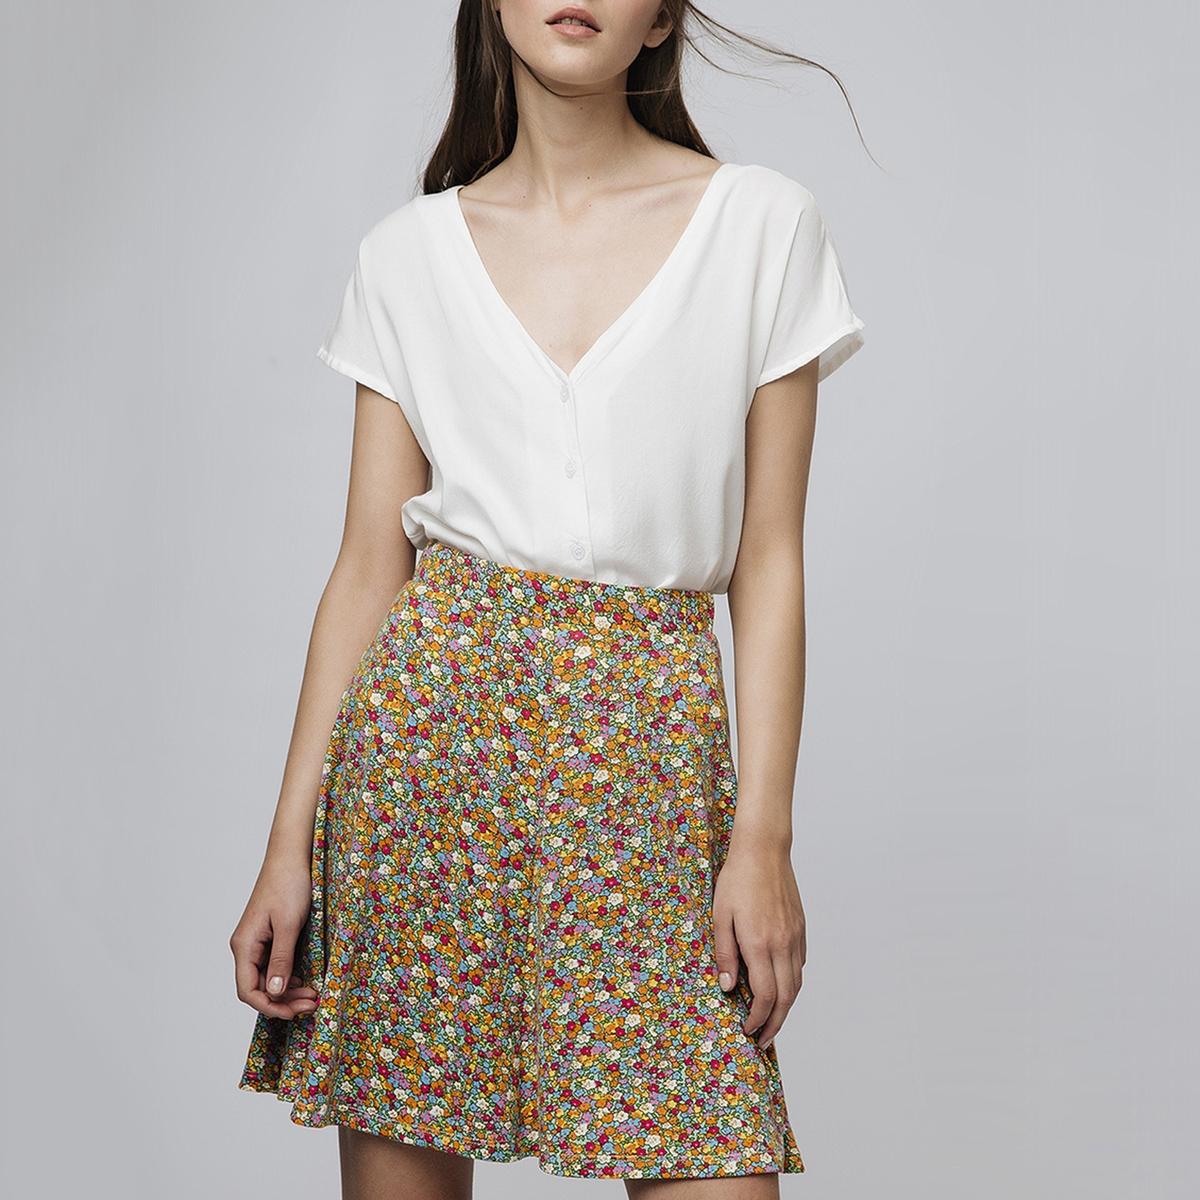 Юбка La Redoute Короткая с цветочным рисунком M желтый юбка la redoute короткая с завышенной талией и цветочным рисунком xs зеленый